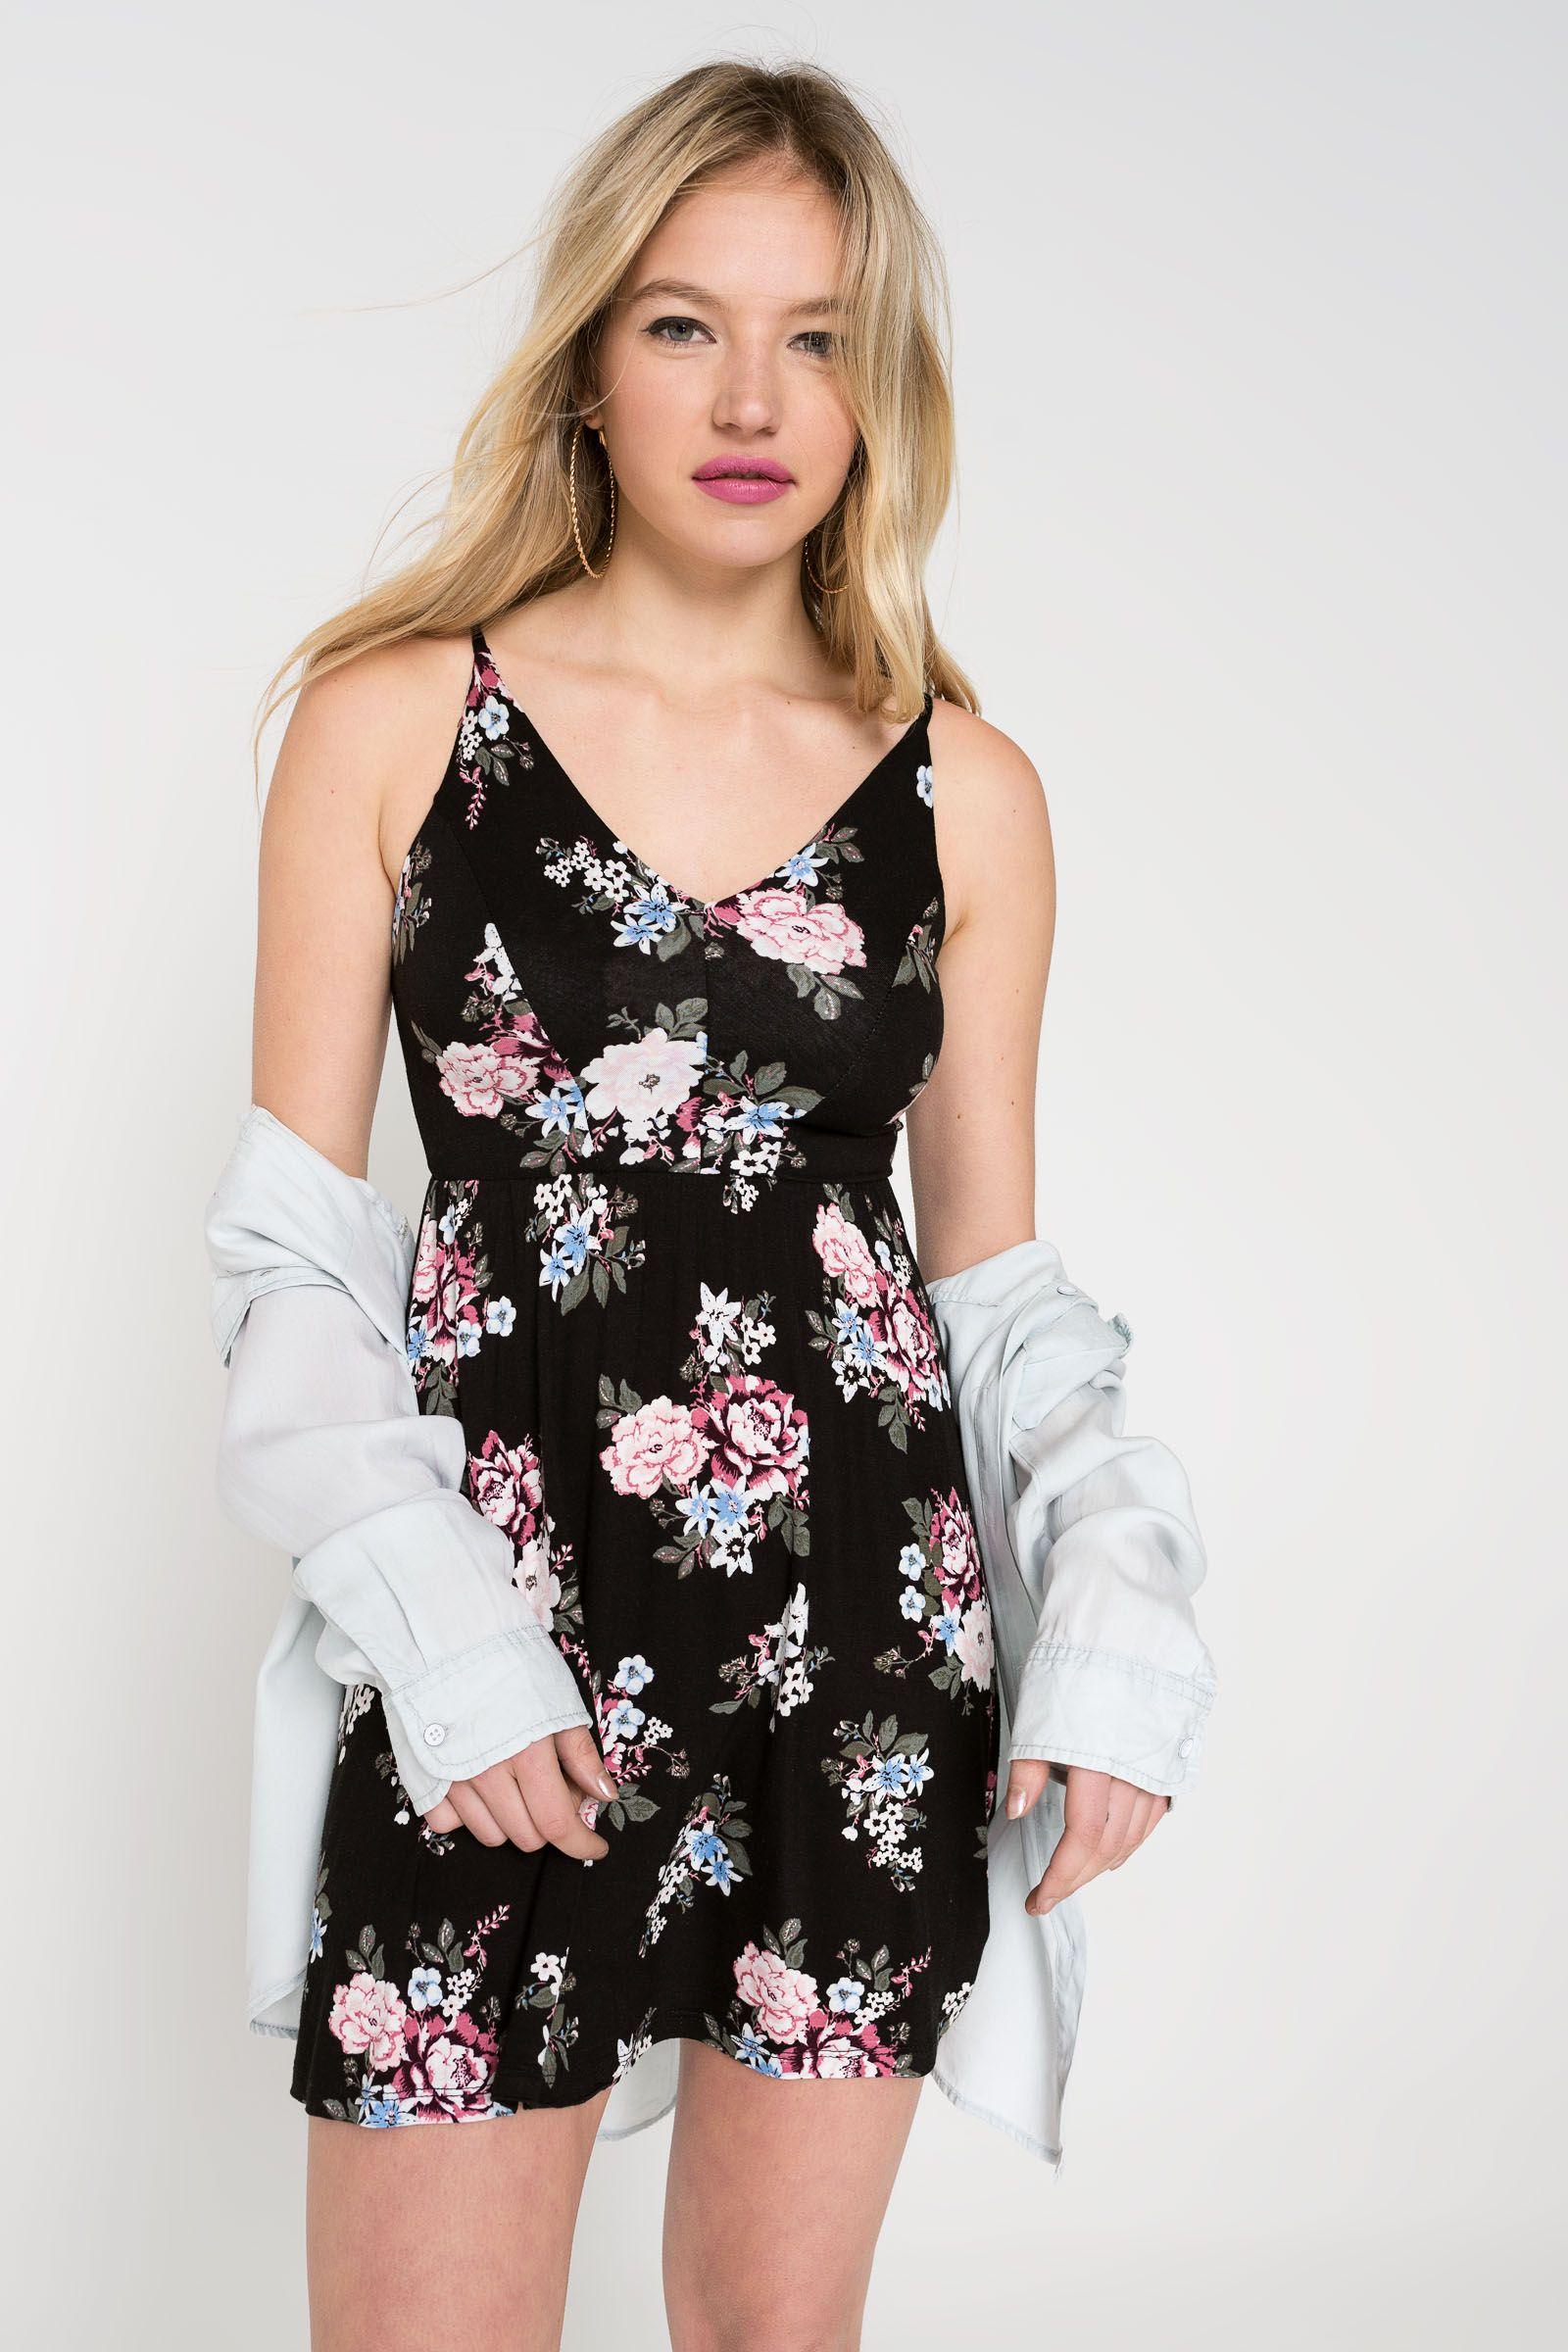 901c1299533fec V-neck mini dress. Adjustable spaghetti straps. Elastic seam at waist. 95%  viscose